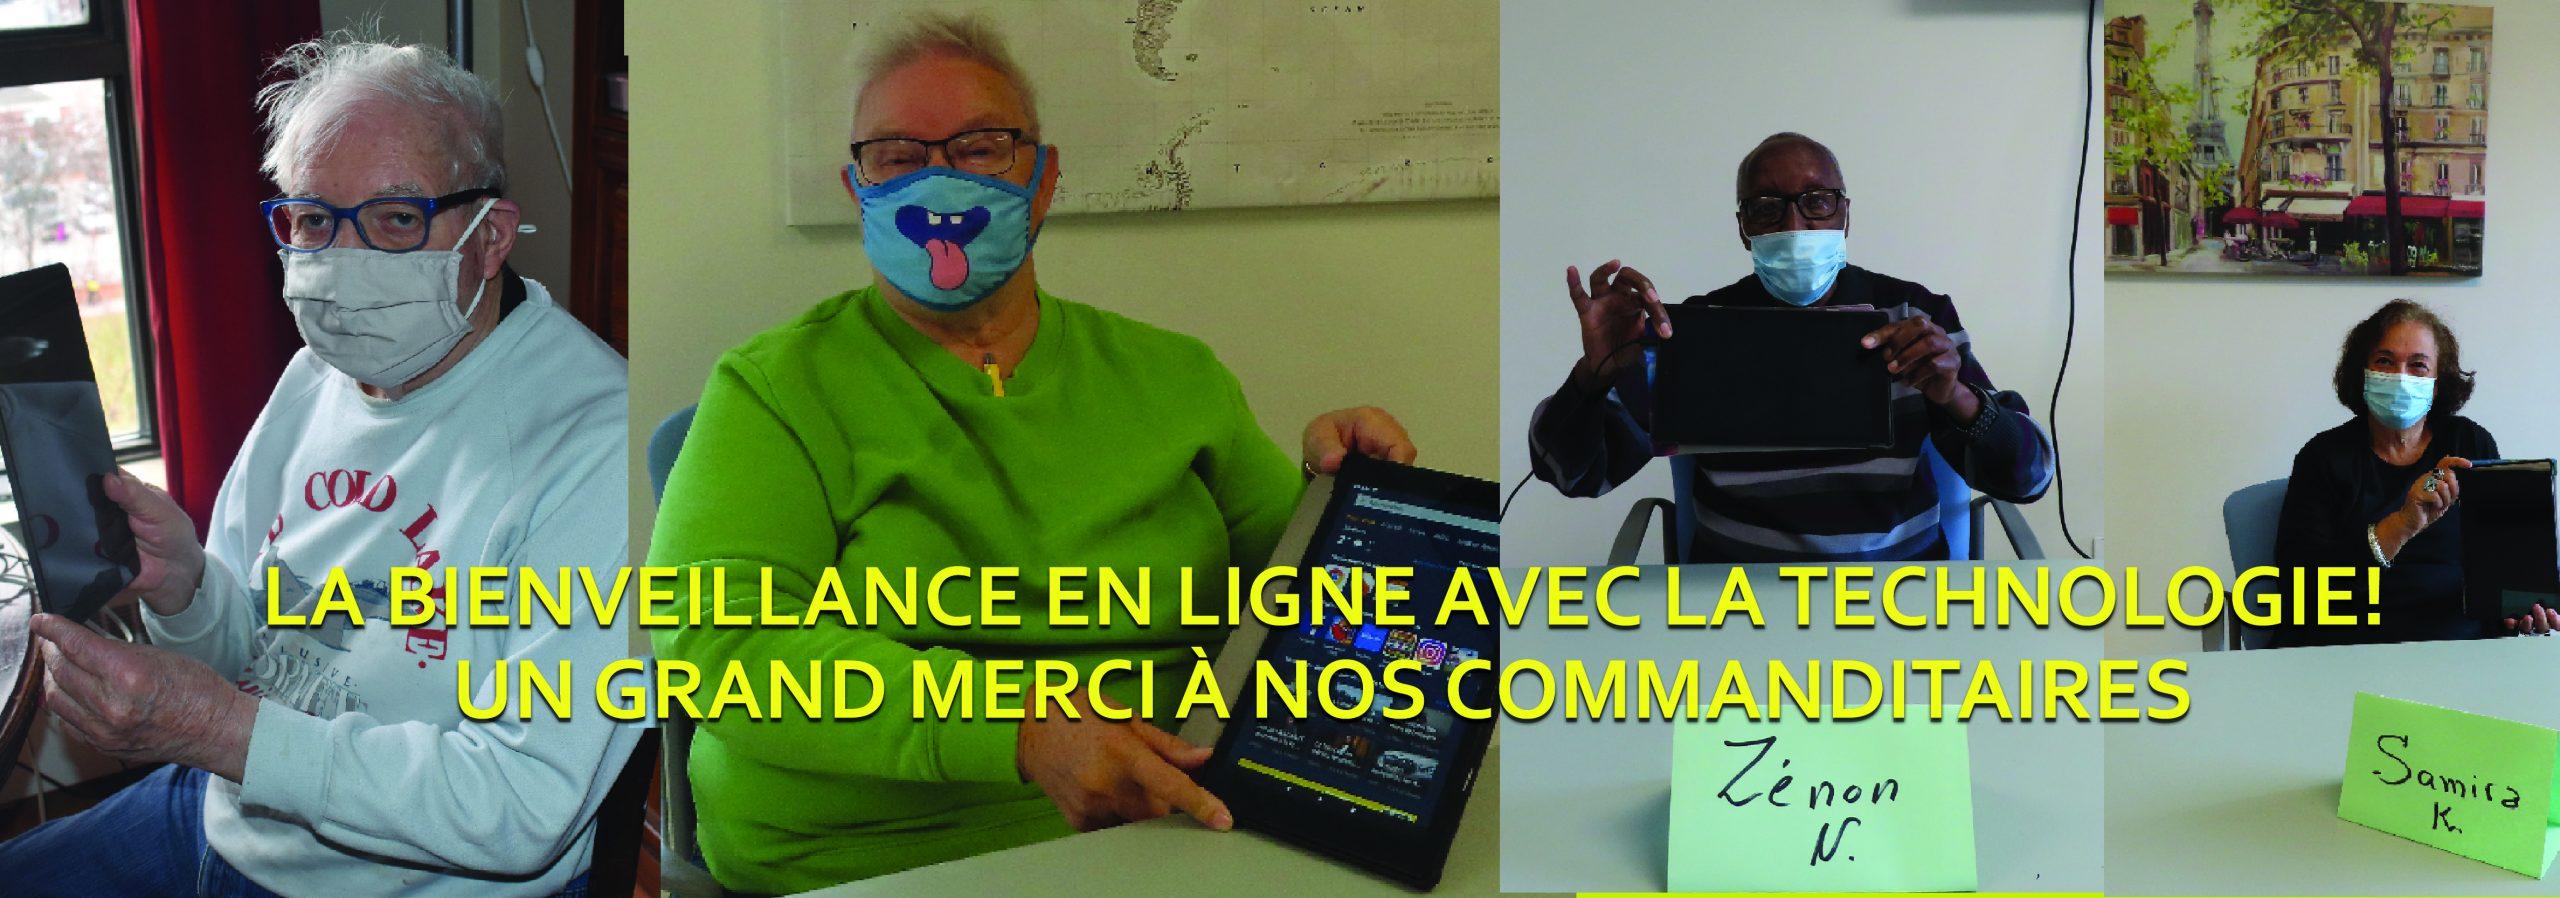 LA BIENVEILLANCE EN LIGNE AVEC LA TECHNOLOGIE!